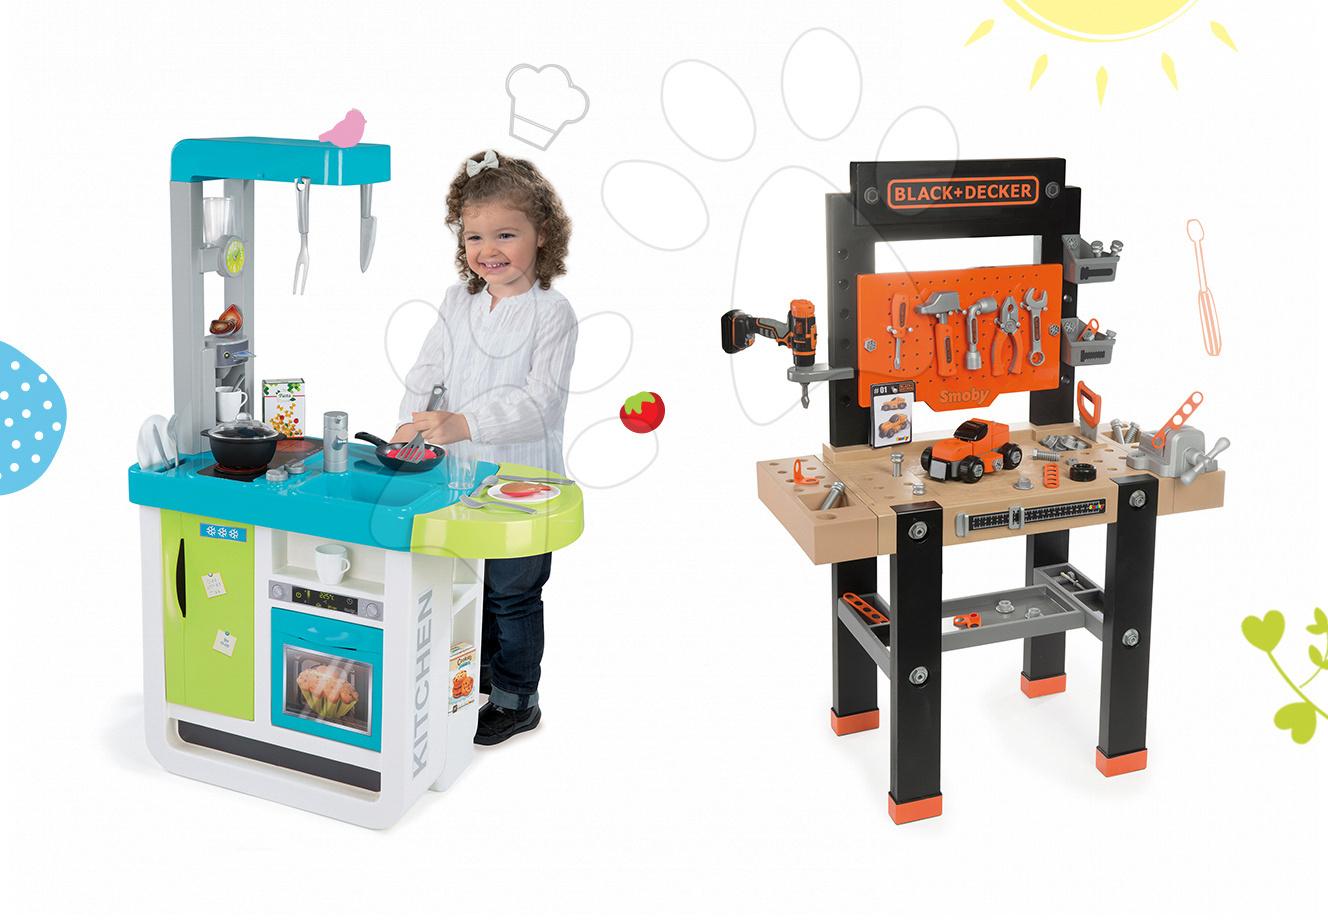 Set pracovní dílna pro děti Black+Decker Smoby s vrtačkou a kuchyňka Cherry Kitchen se zvuky a kávovarem